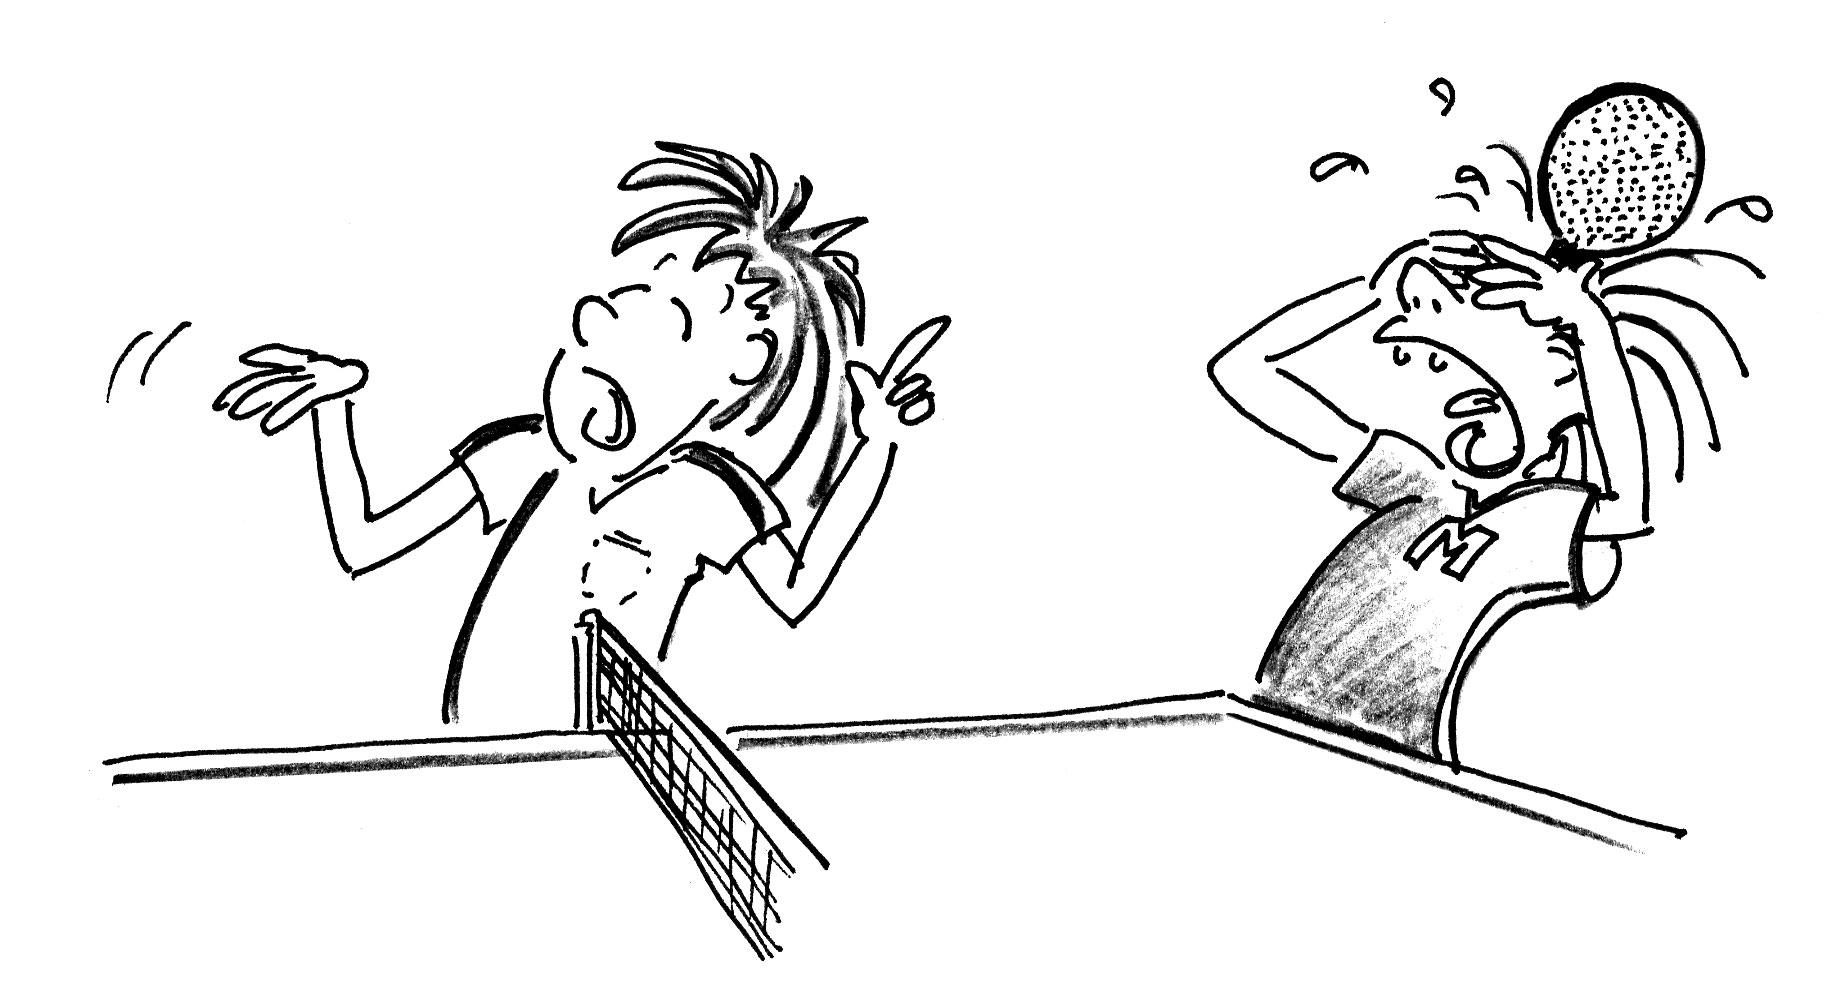 Jeux de renvoi avec enfants tennis de table tous contre - Dessin tennis de table ...